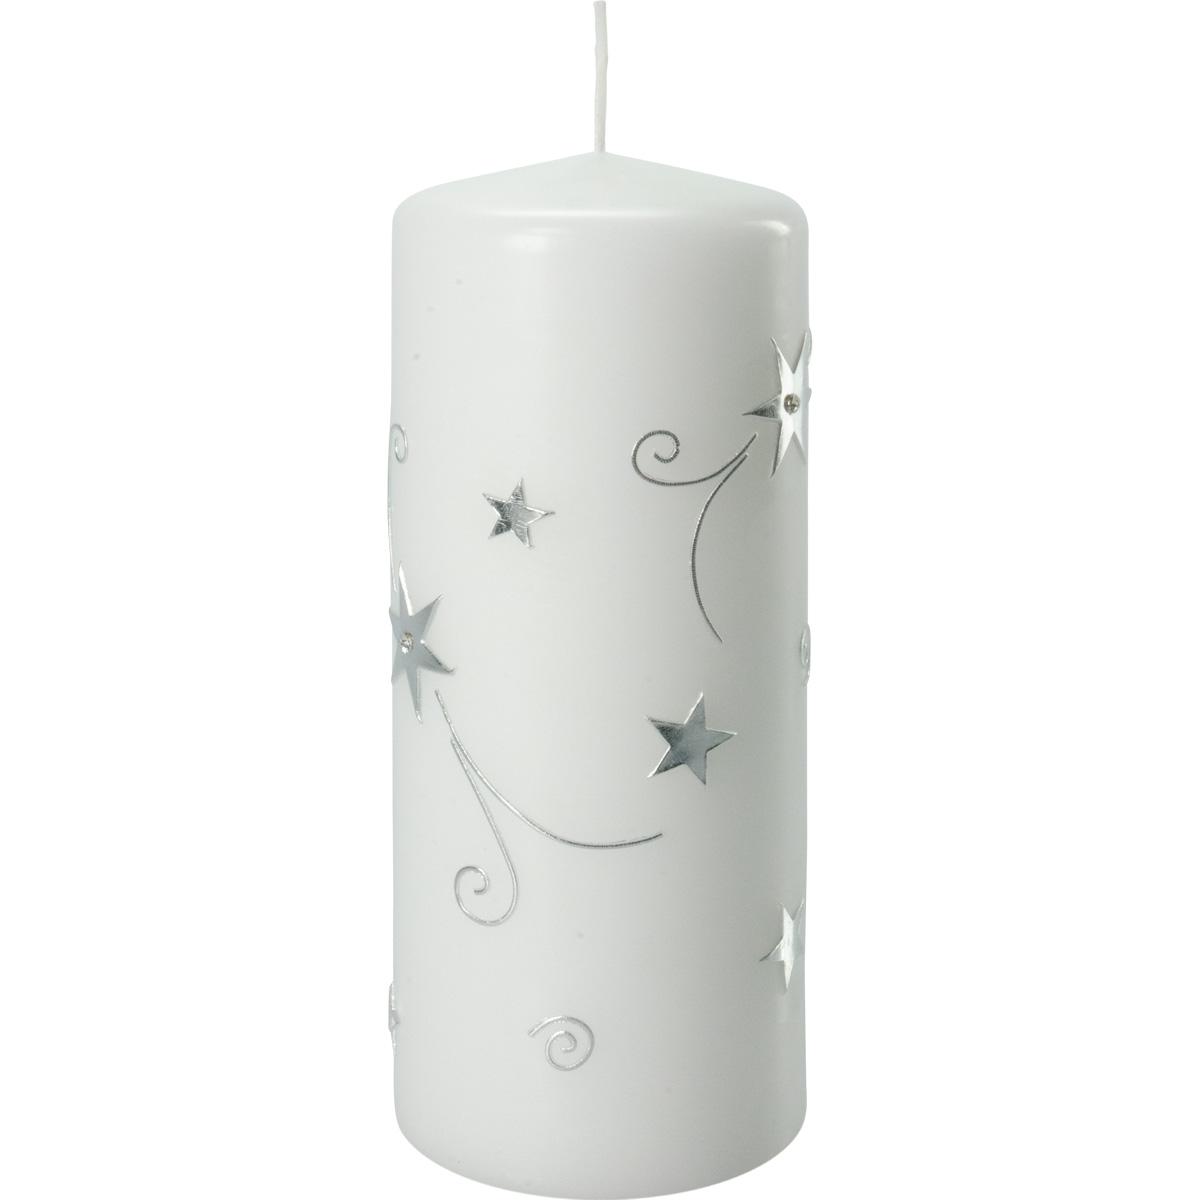 Weihnachtskerze, 3013, 20 x 8 cm, weiß, Sterne, silber